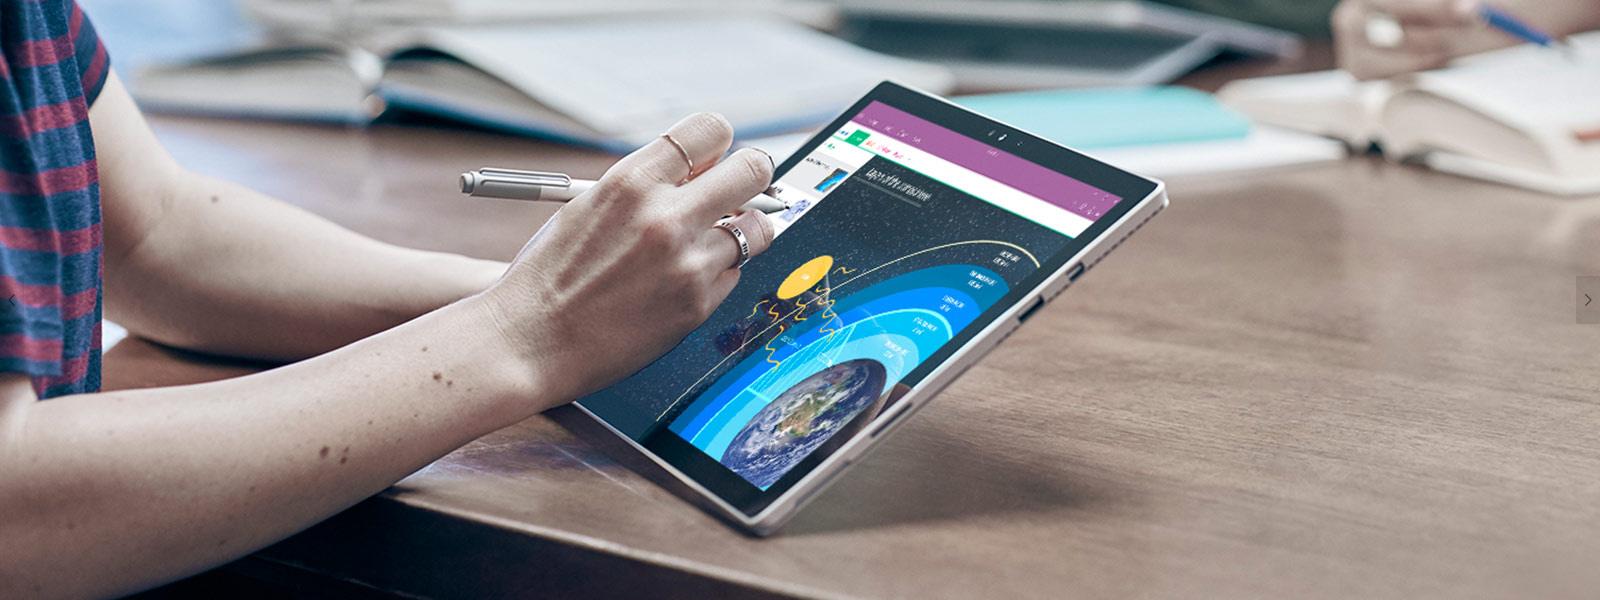 Personne utilisant le Stylet Surface sur un Surface Laptop en mode tablette.